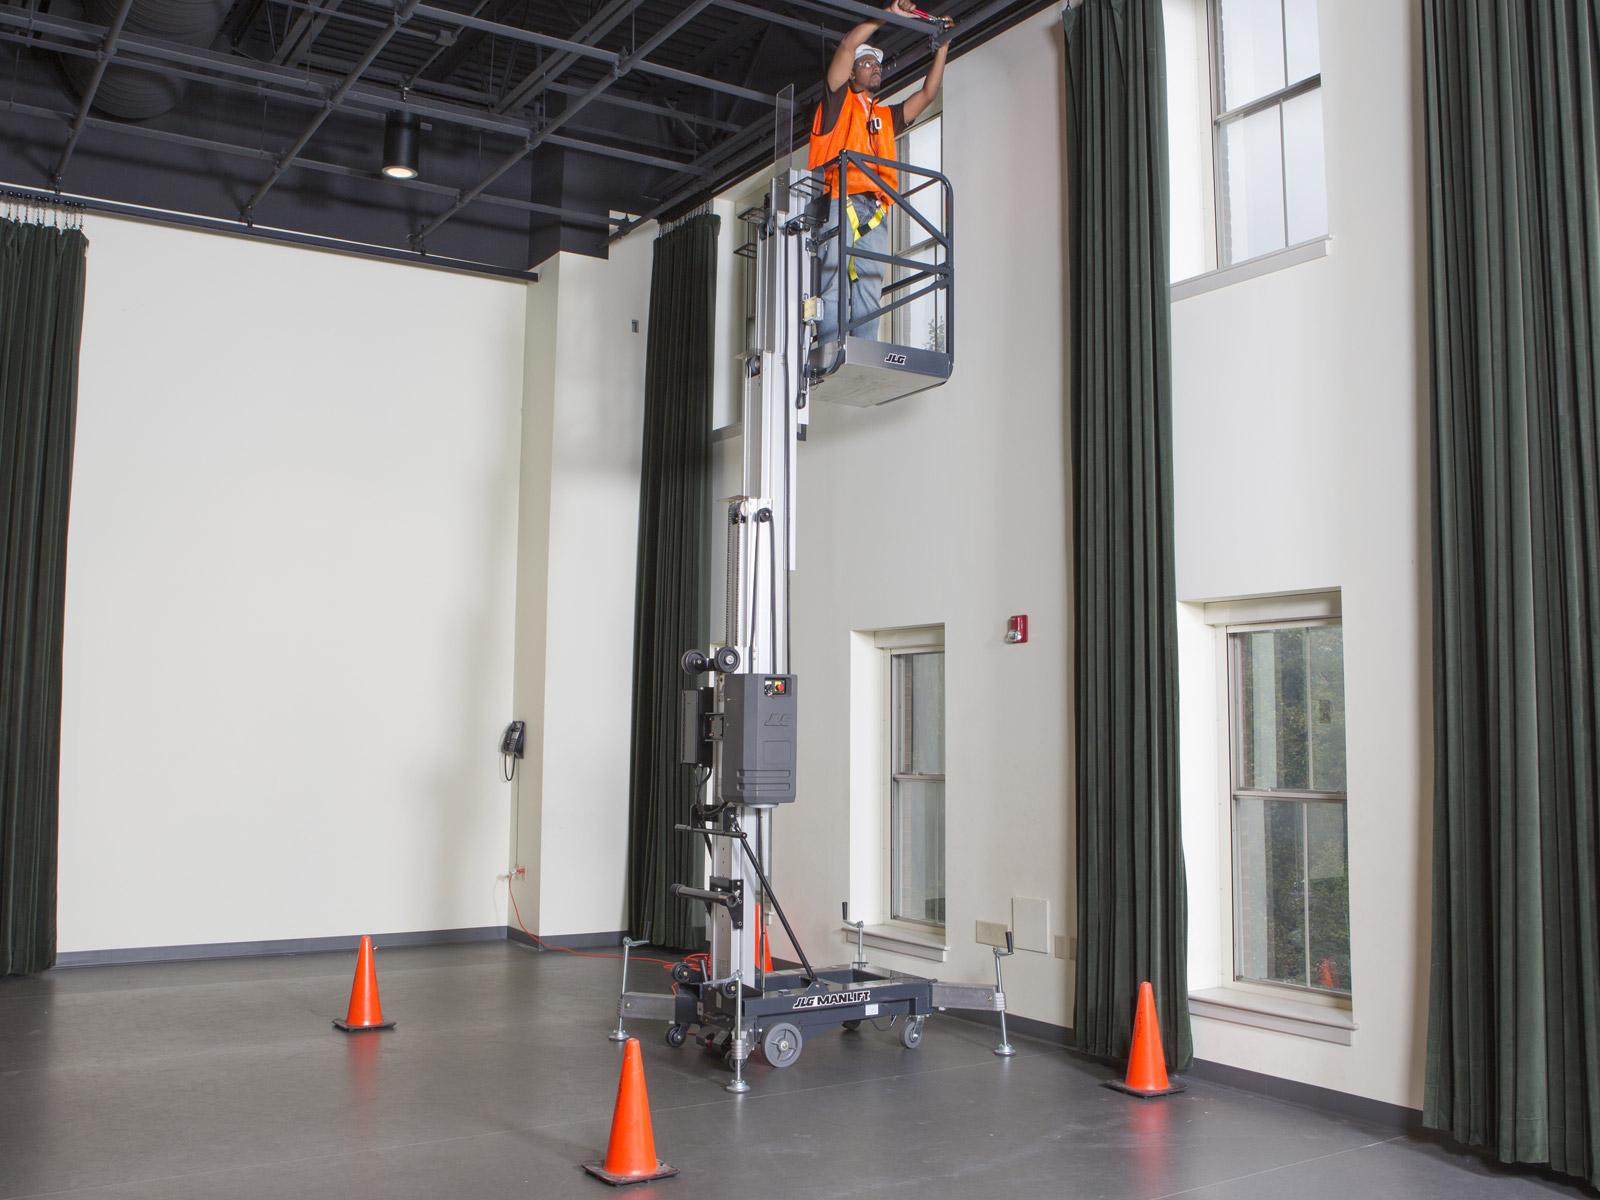 location nacelle verticale électrique 8m JLG 20AM - 2